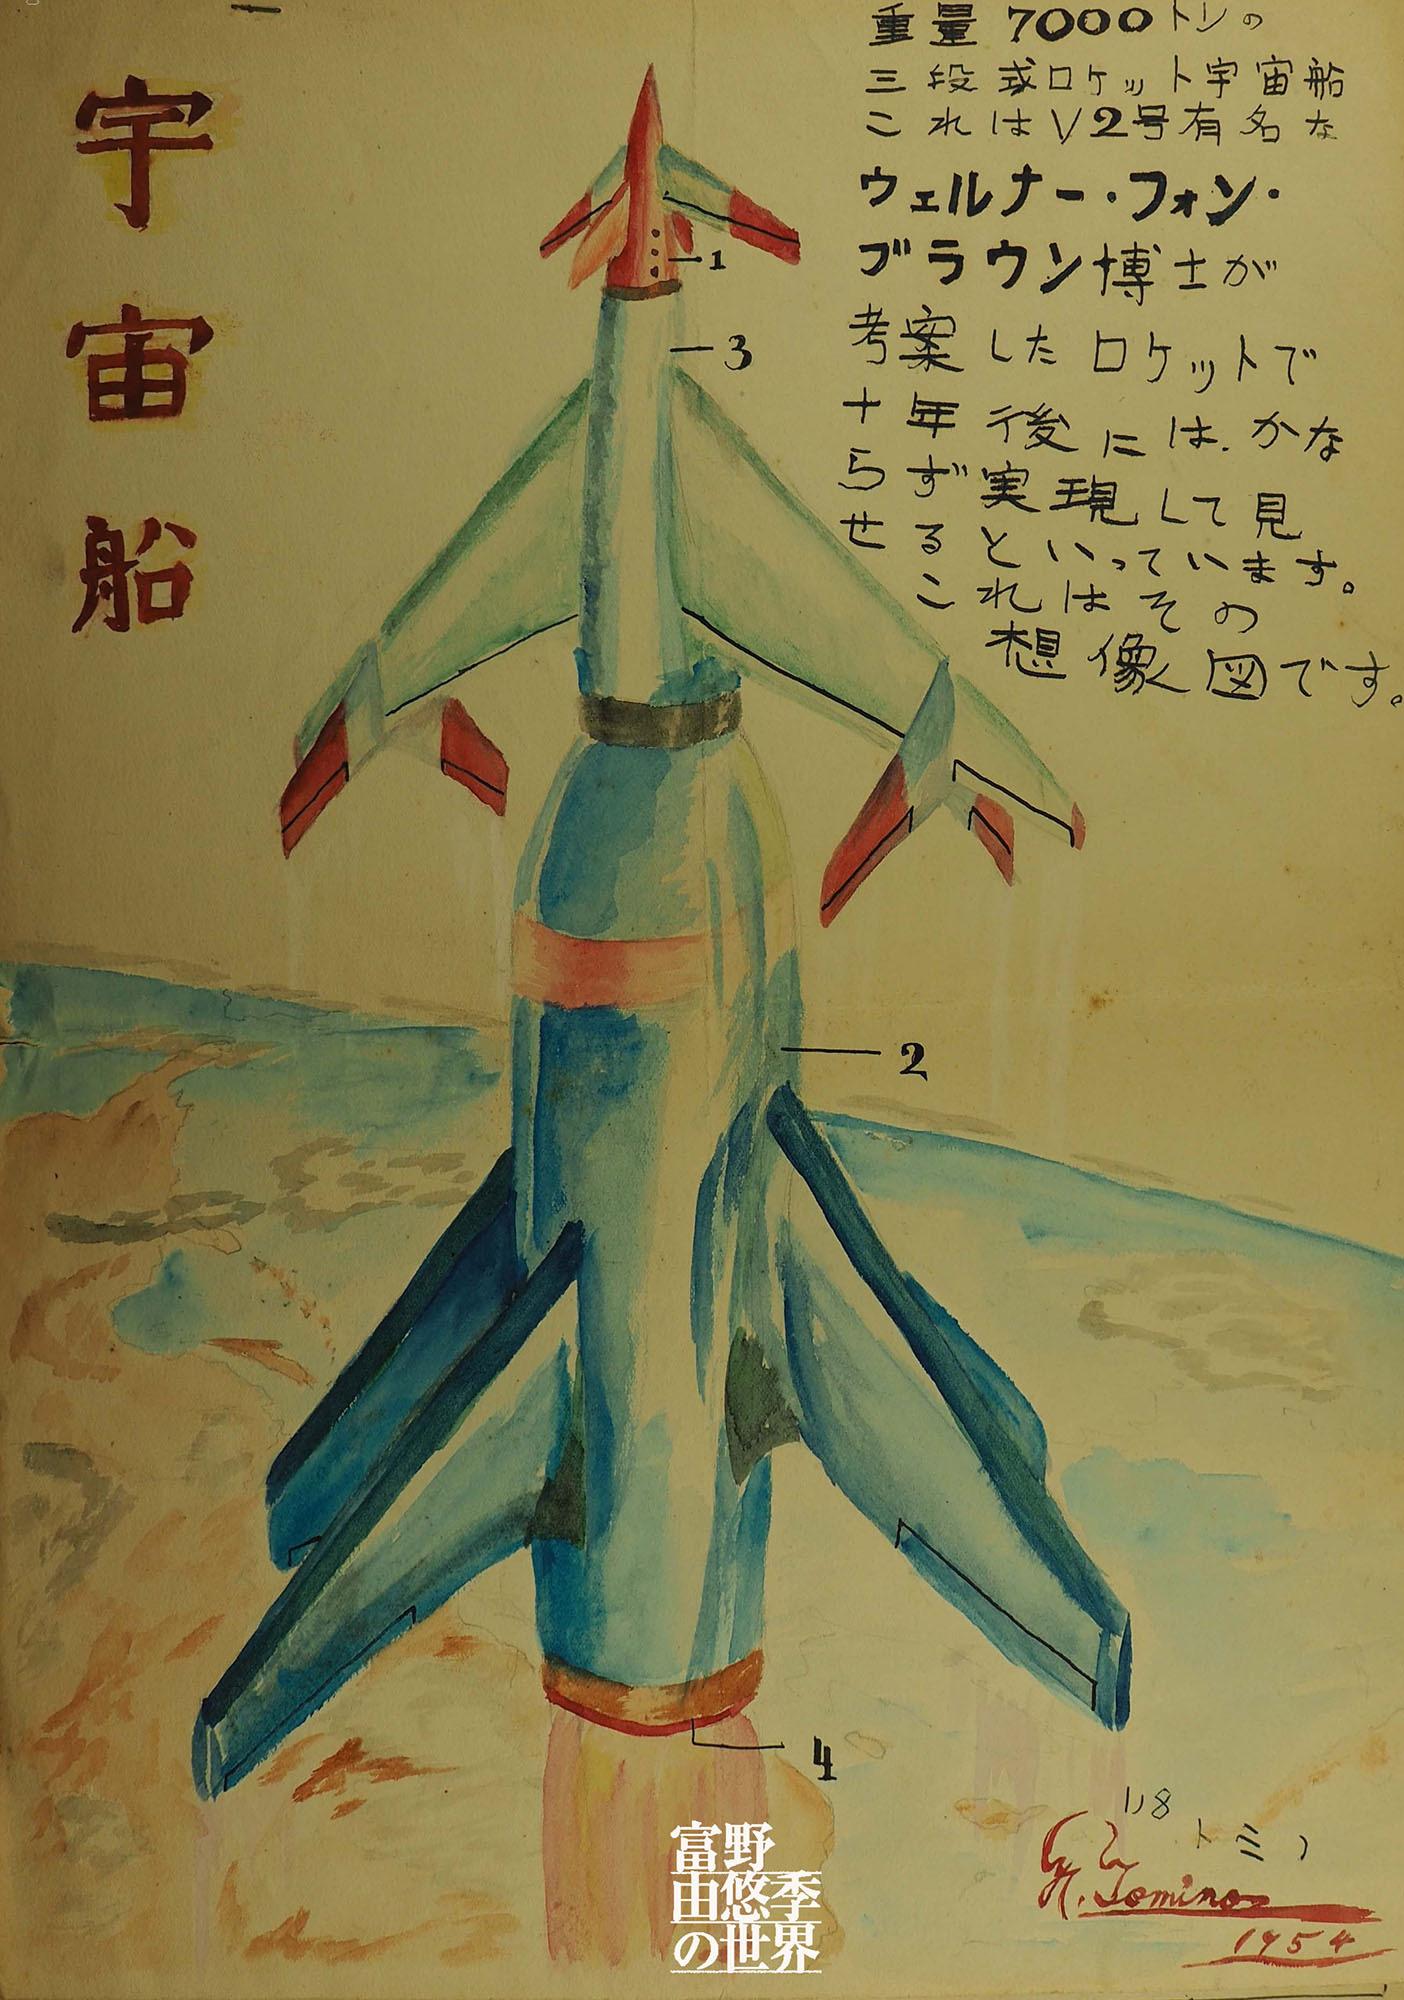 富野由悠季 宇宙船 1954年 ©オフィス アイ